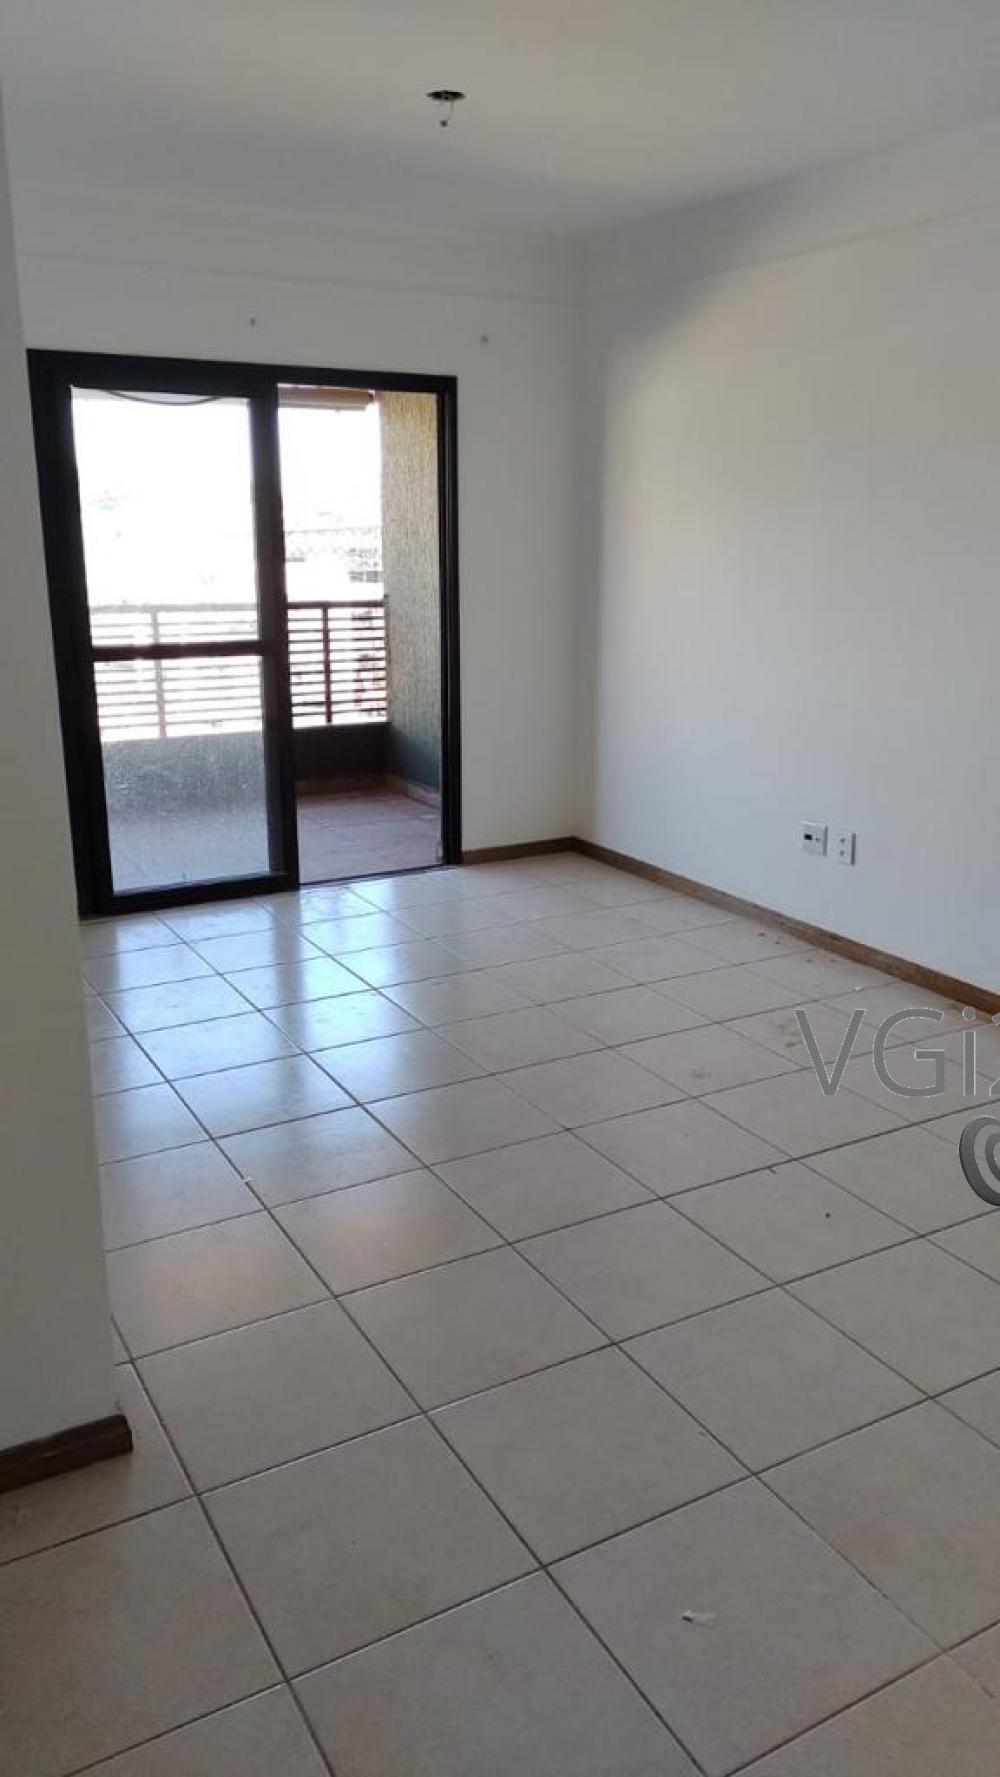 Comprar Apartamento / Padrão em Ribeirão Preto R$ 367.500,00 - Foto 1